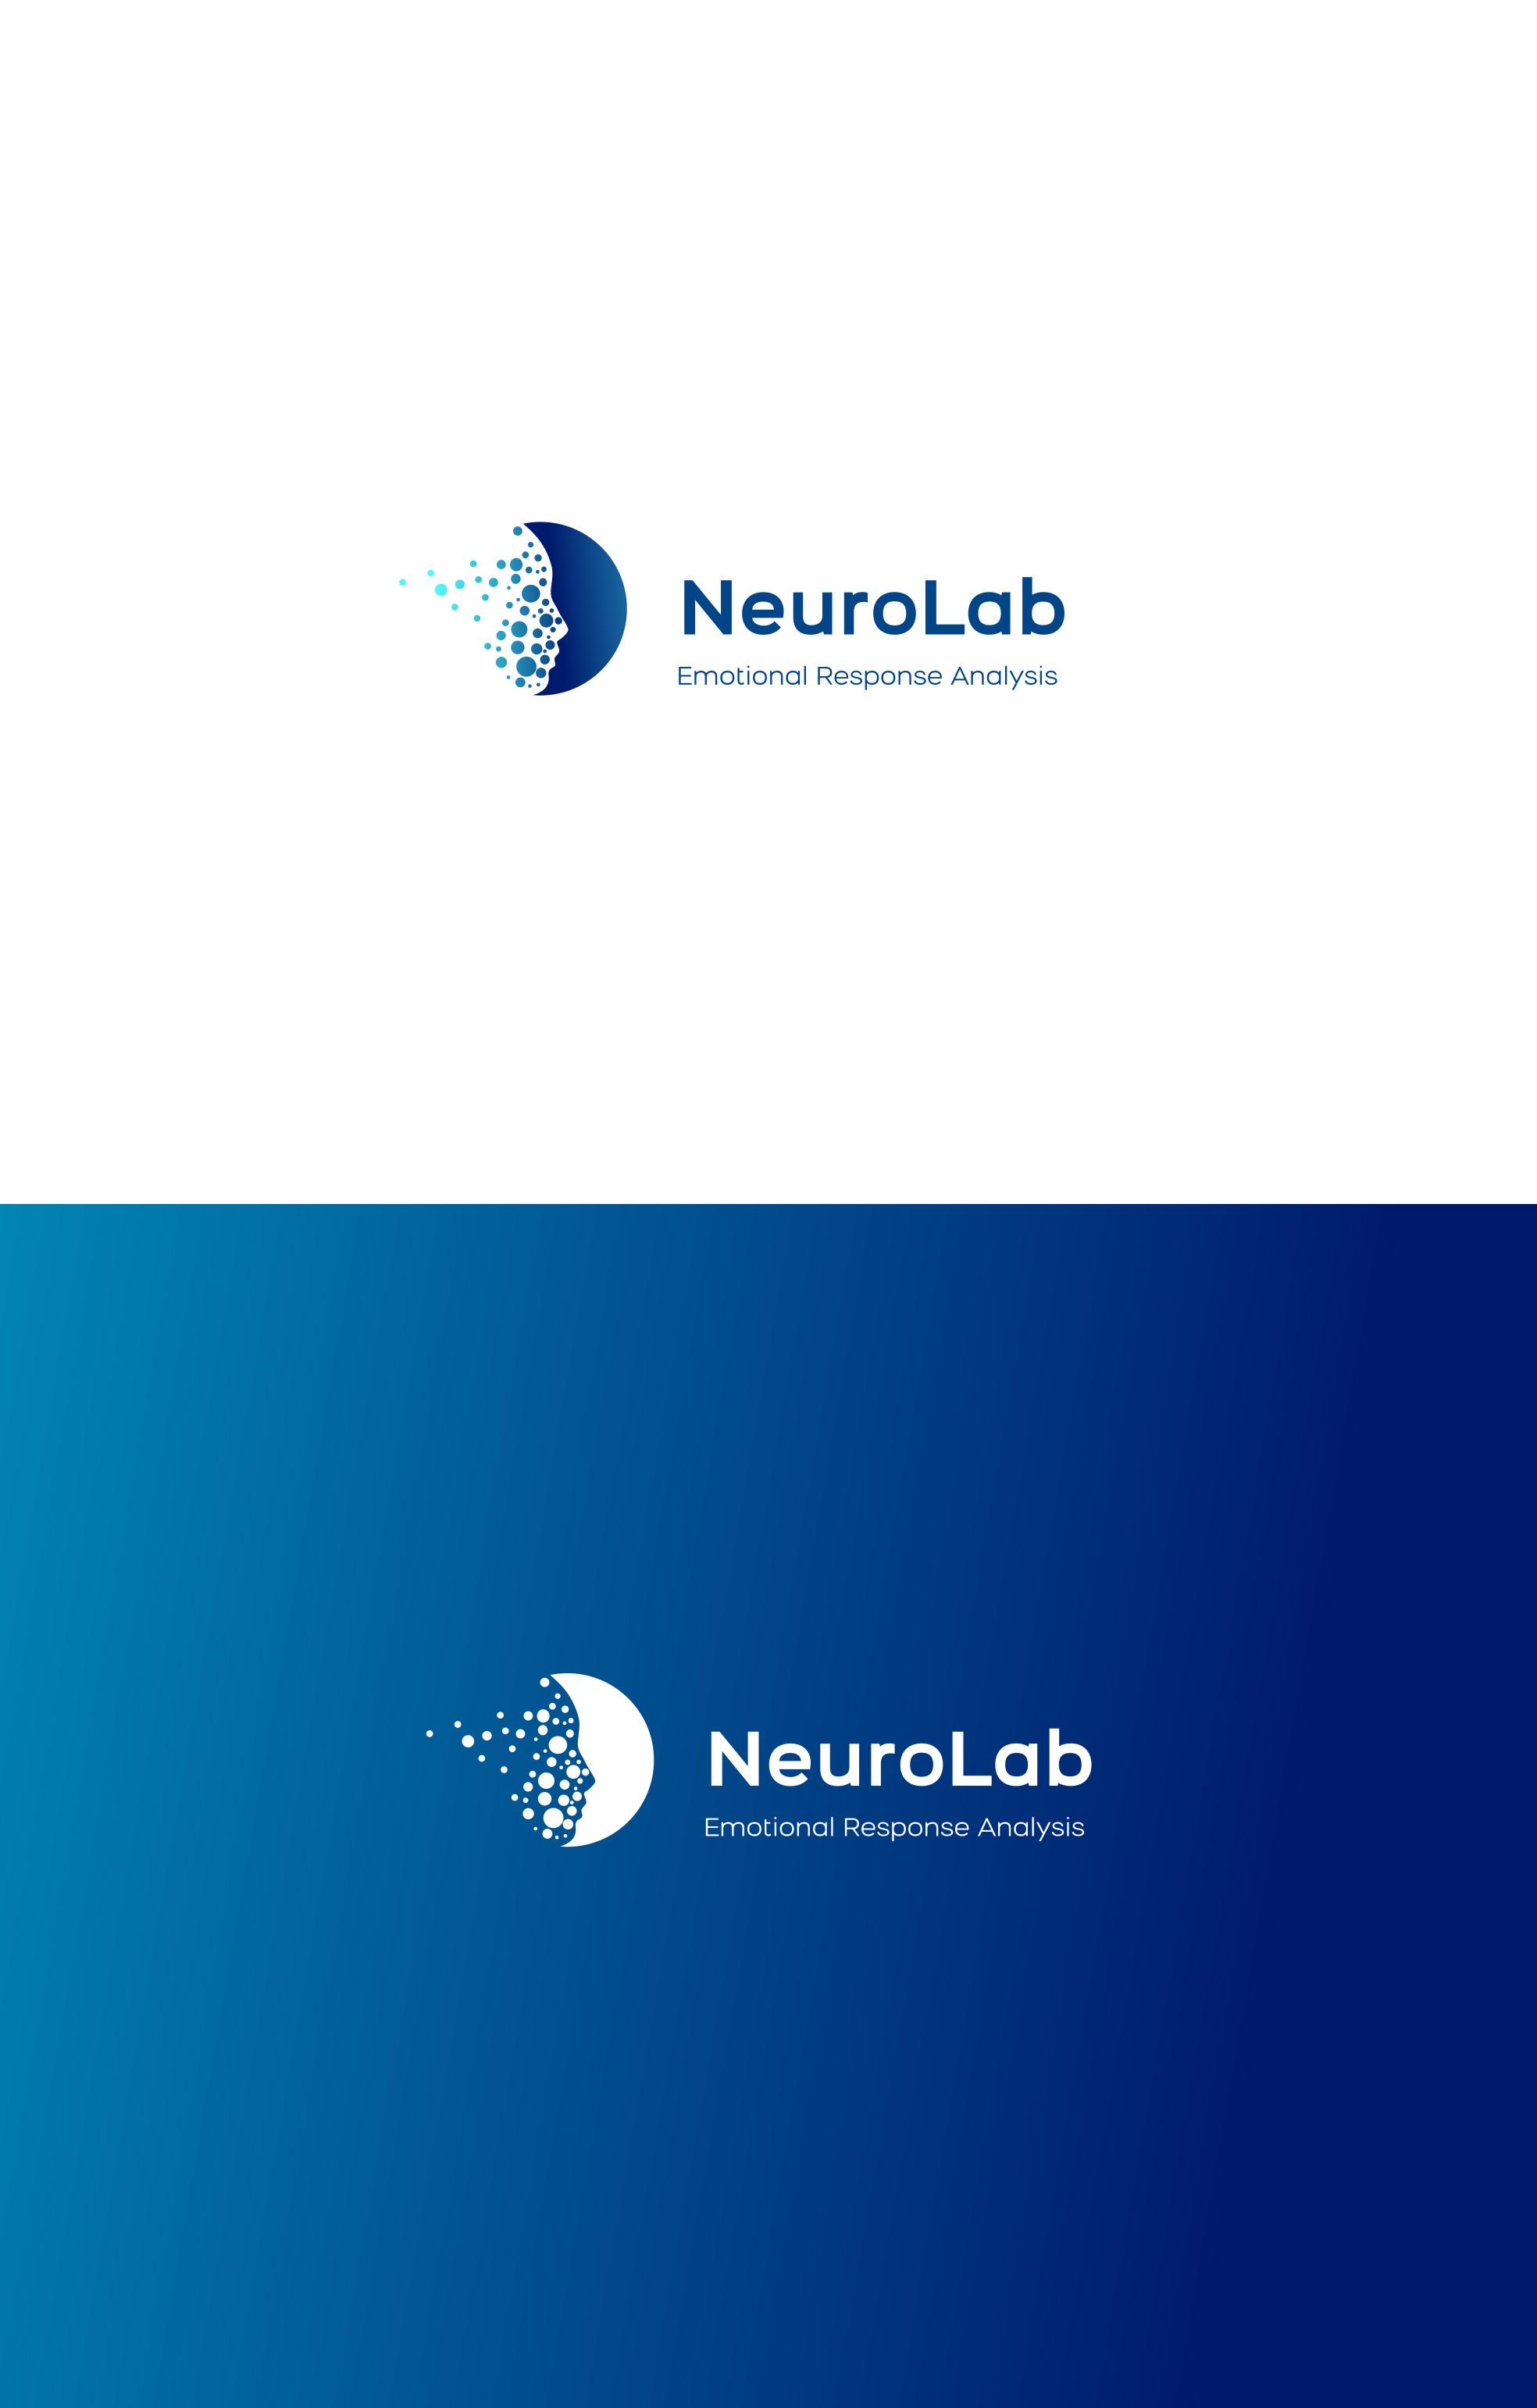 Логотип для лаборатории исследования эмоционального отклика  фото f_34760012cc1cee8d.jpg